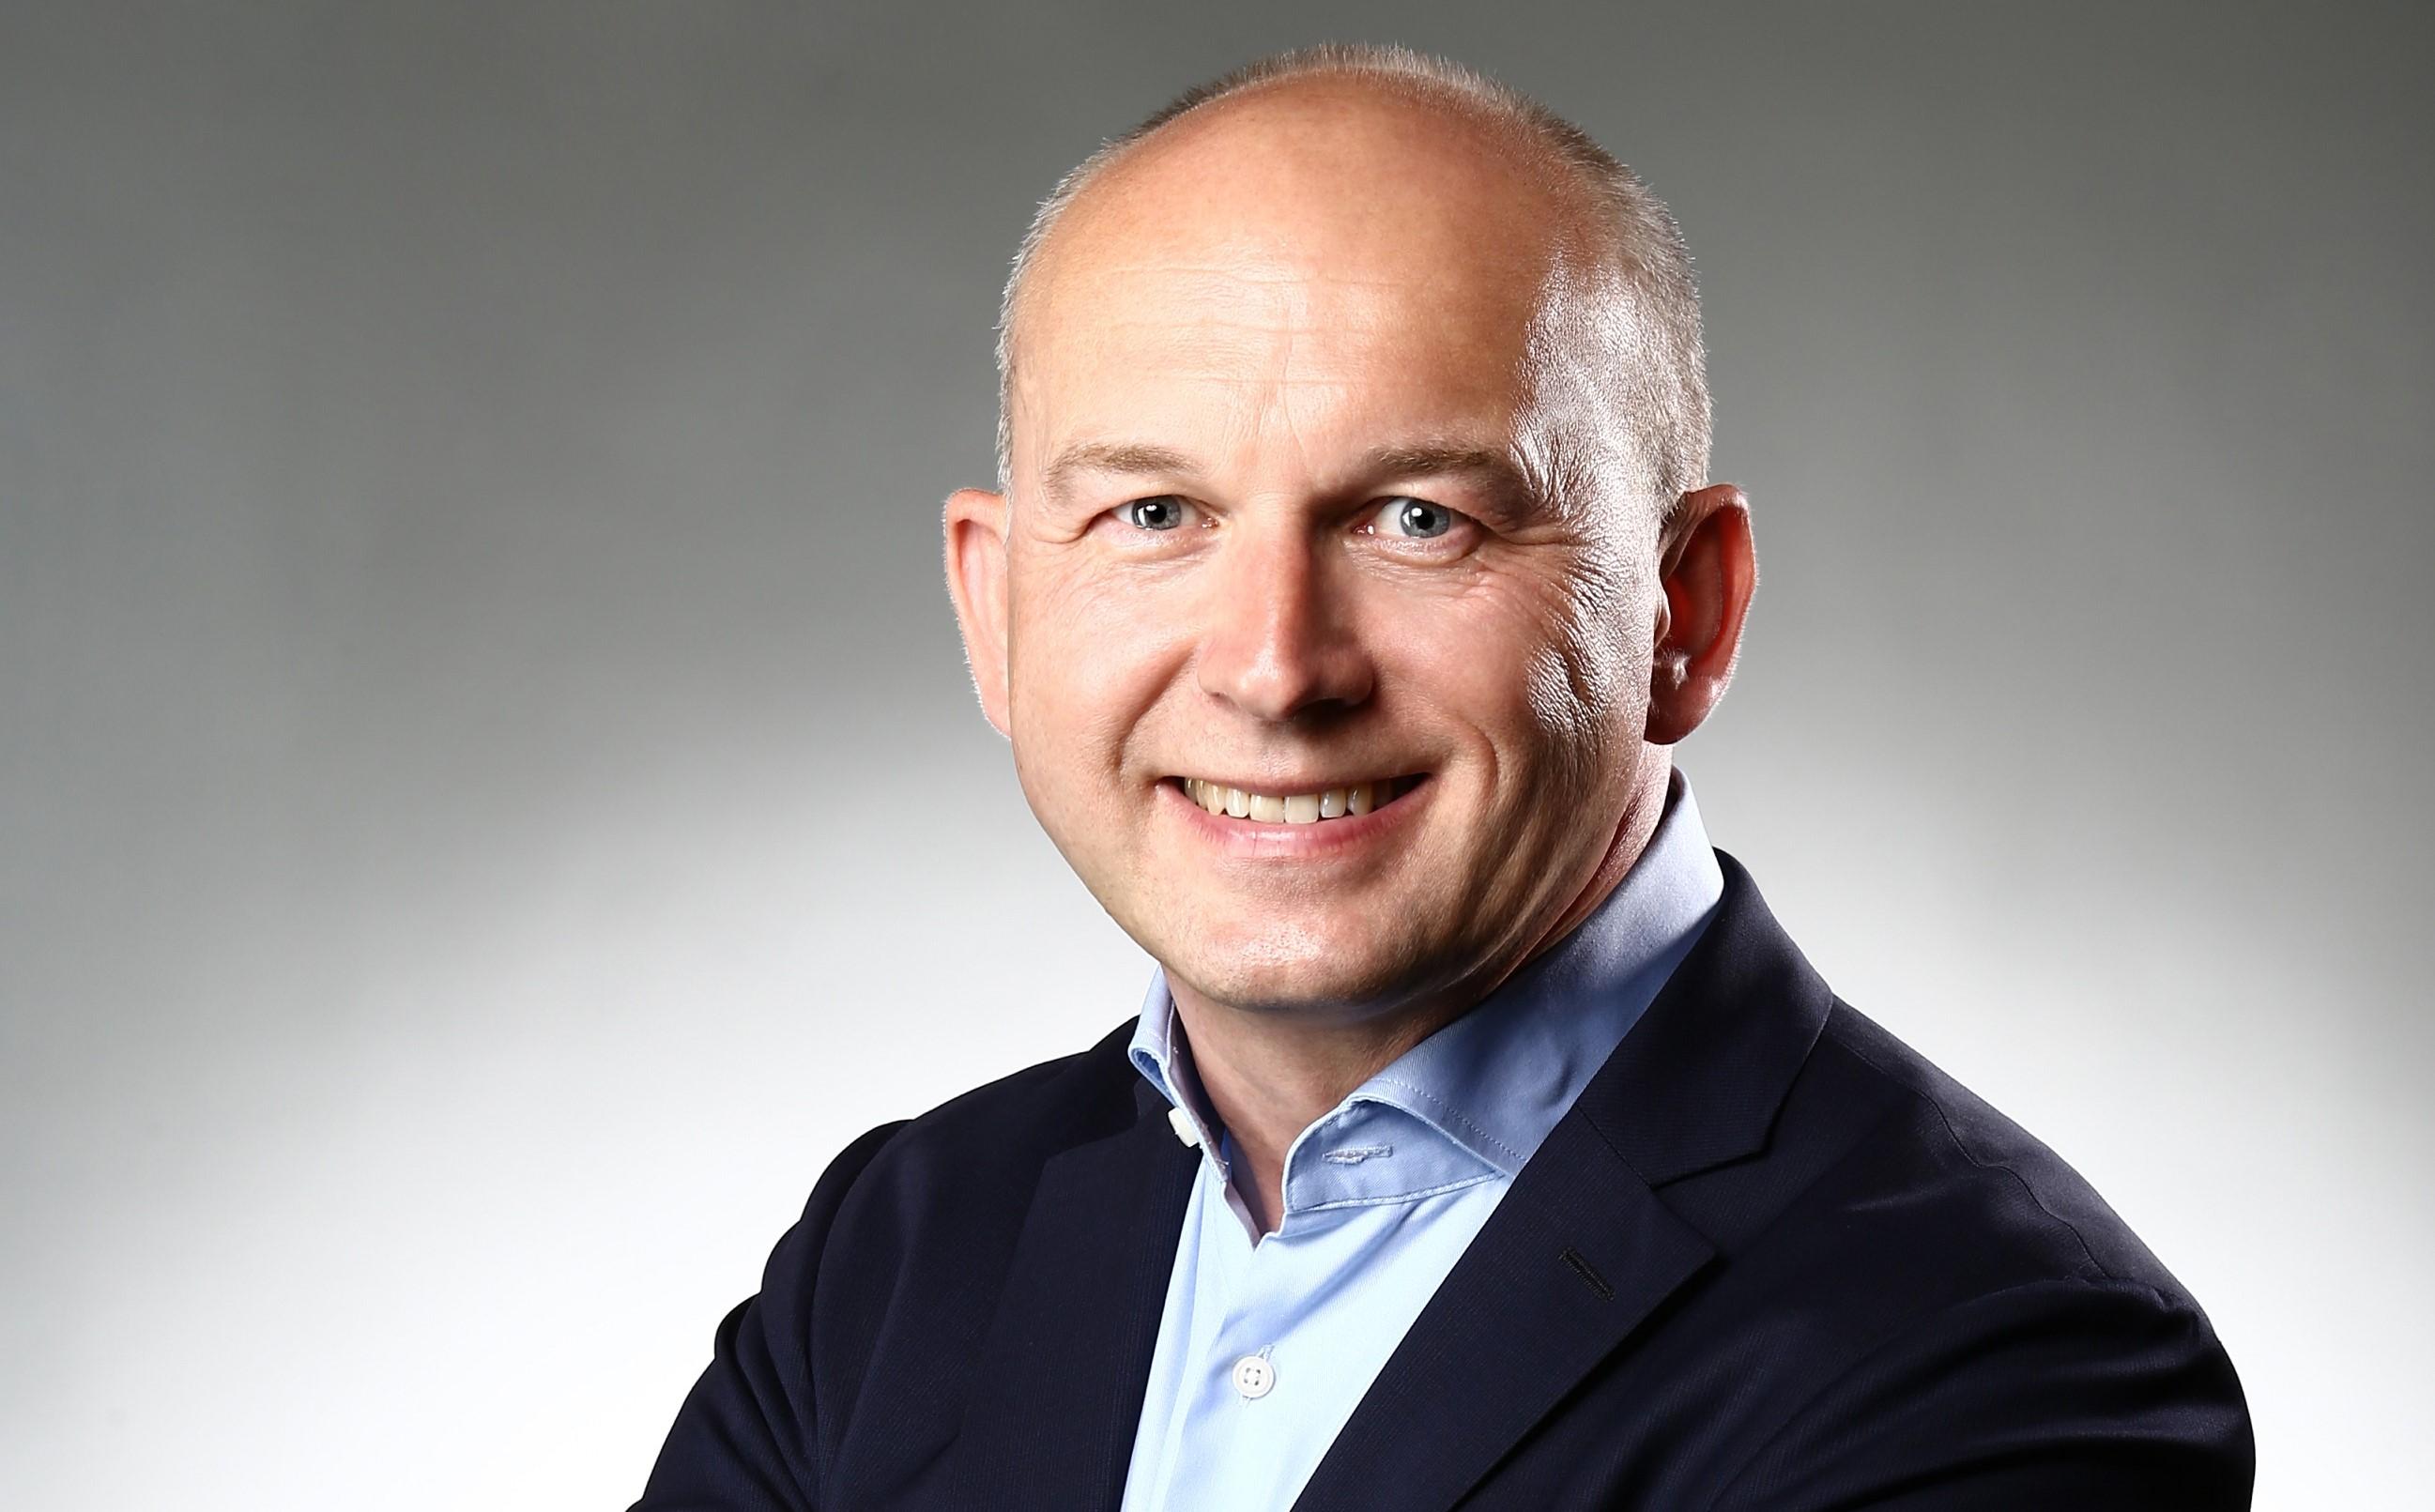 Zmiany w Intermarché: Tomasz Waligórski dołącza do sieci